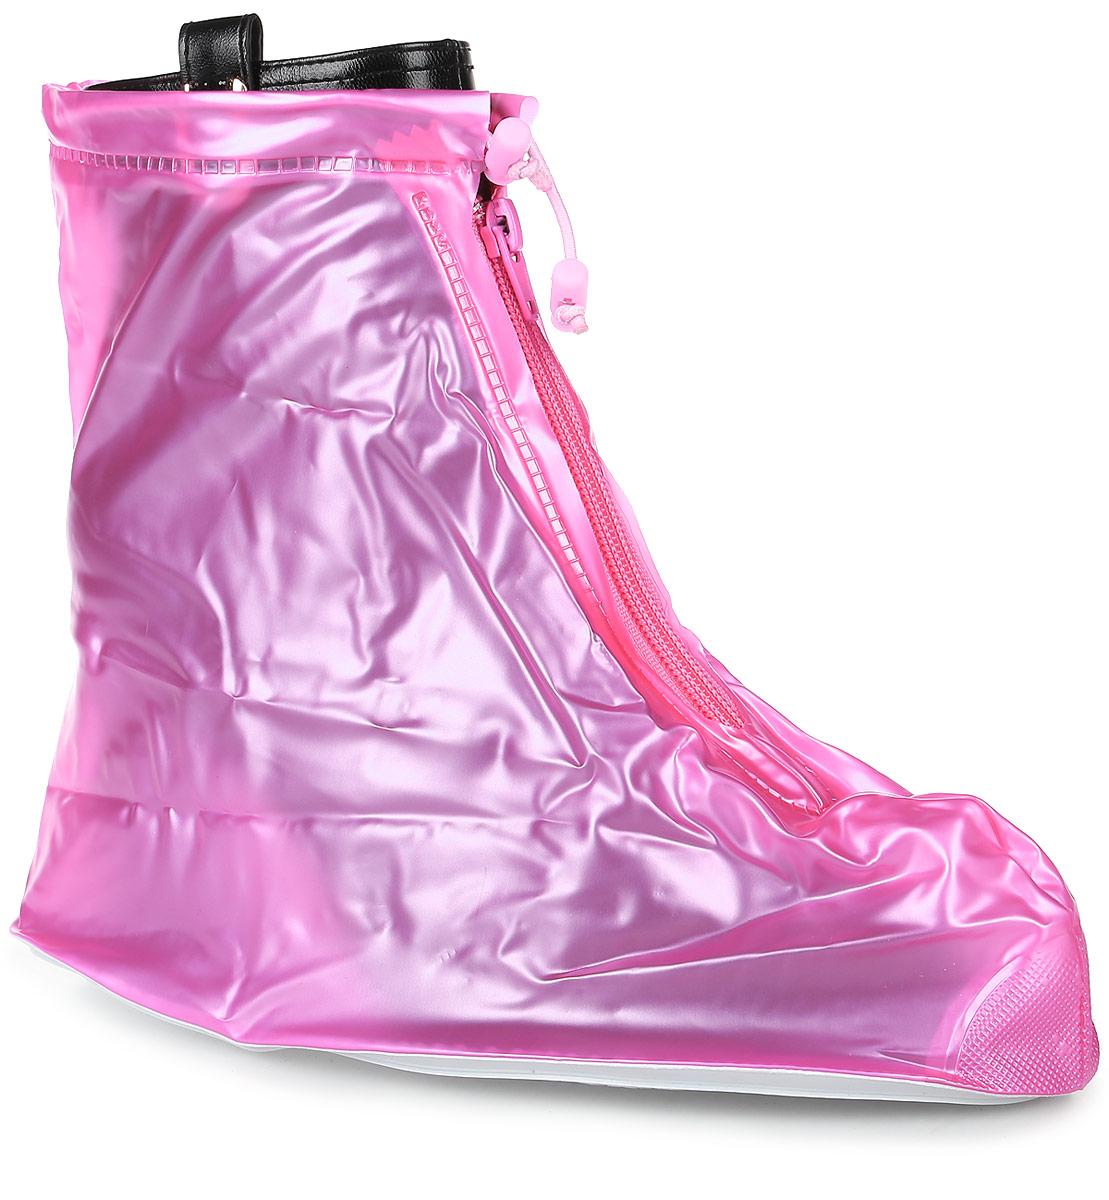 Дождевик для обуви Homsu, на молнии, цвет: розовый. Размер L (39/41)R-116Дождевик Homsu выполнен из прочного водонепроницаемого материала и предназначен для защиты обуви от воды и грязи. Застегивается изделие на застежку-молнию, расположенную спереди. Верхняя часть изделия регулируется в объеме за счет эластичного шнурка со стопперами. Благодаря дождевику ваша обувь будет сухой и чистой в любую погоду! Комплектация: 1 пара.